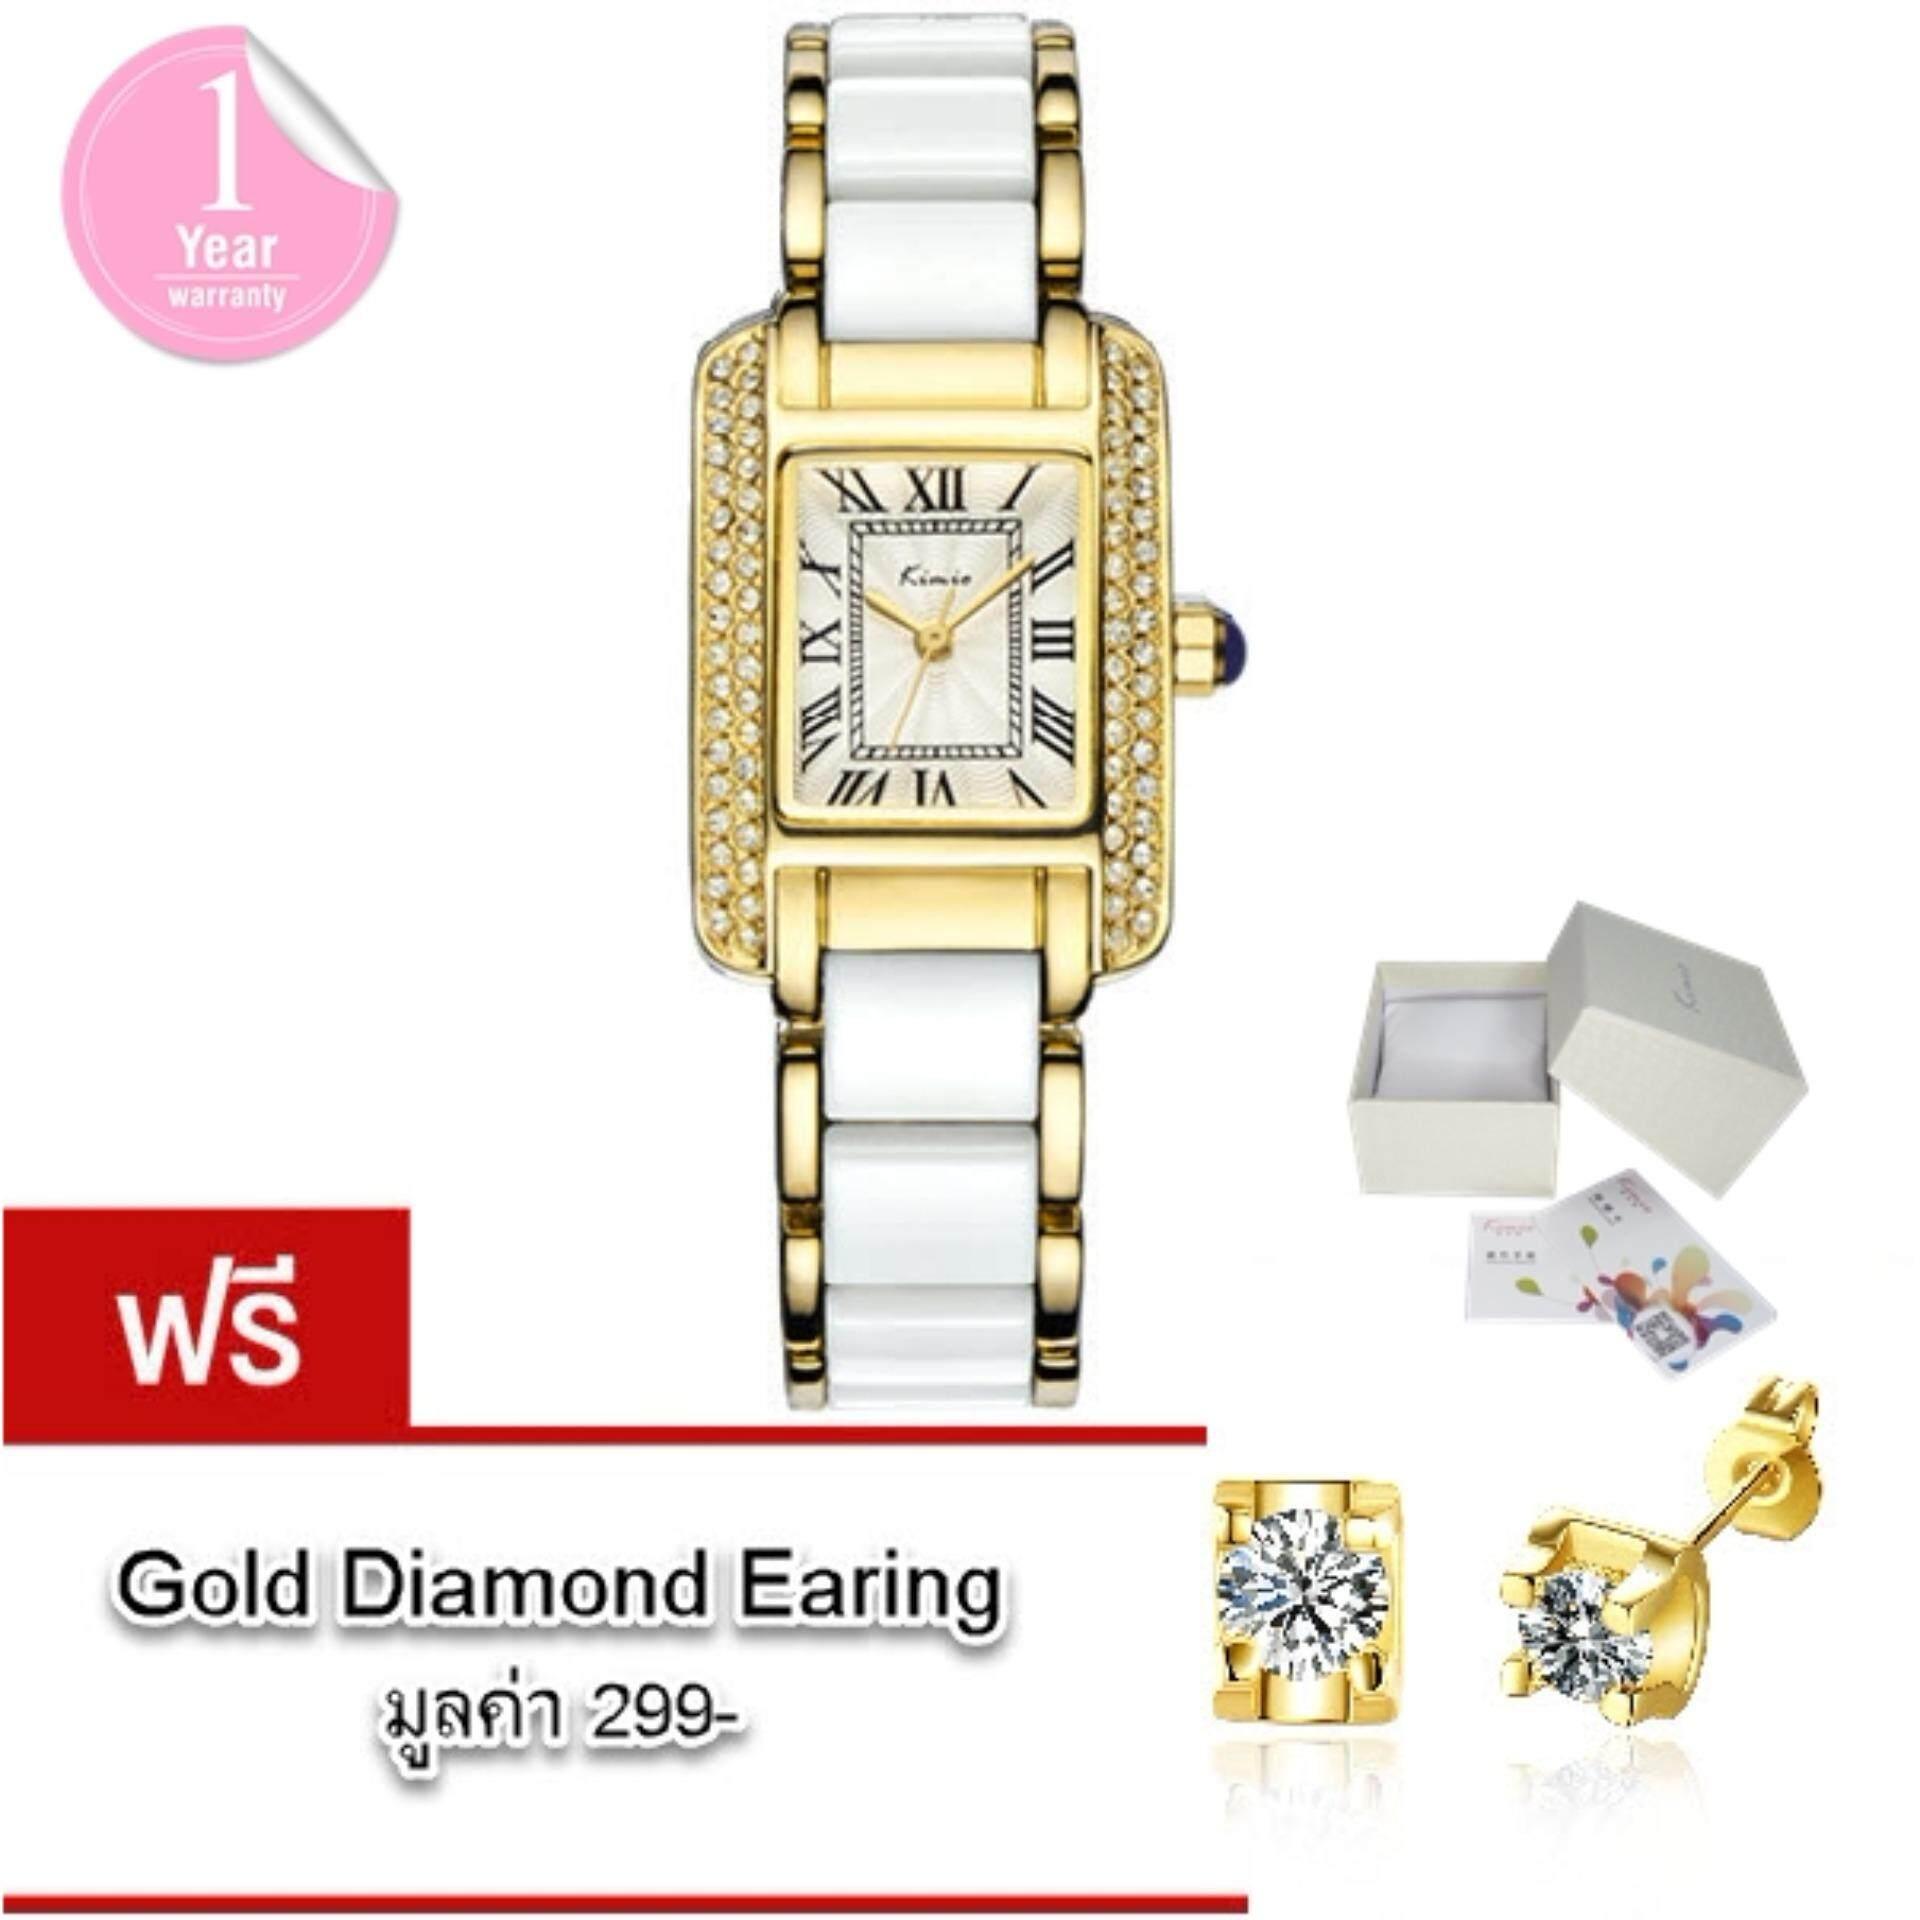 Kimio นาฬิกาข้อมือผู้หญิง แท้ 100% สาย Alloy สุดอินเทรนด์แฟชั่นของสาวๆ  รุ่น KW6036 พร้อมกล่อง KIMIO แถมฟรี ต่างหูรูป Gold Diamond มูลค่า 299-